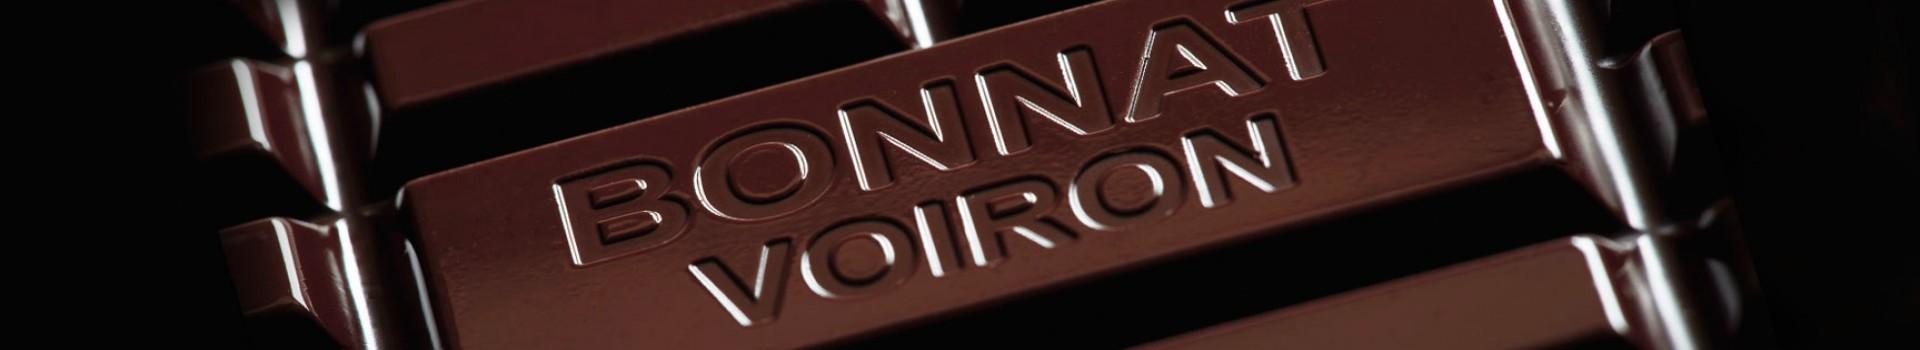 海外の輸入お菓子bonnatで見つけた通販したいお菓子は?レビューは?【2020年】